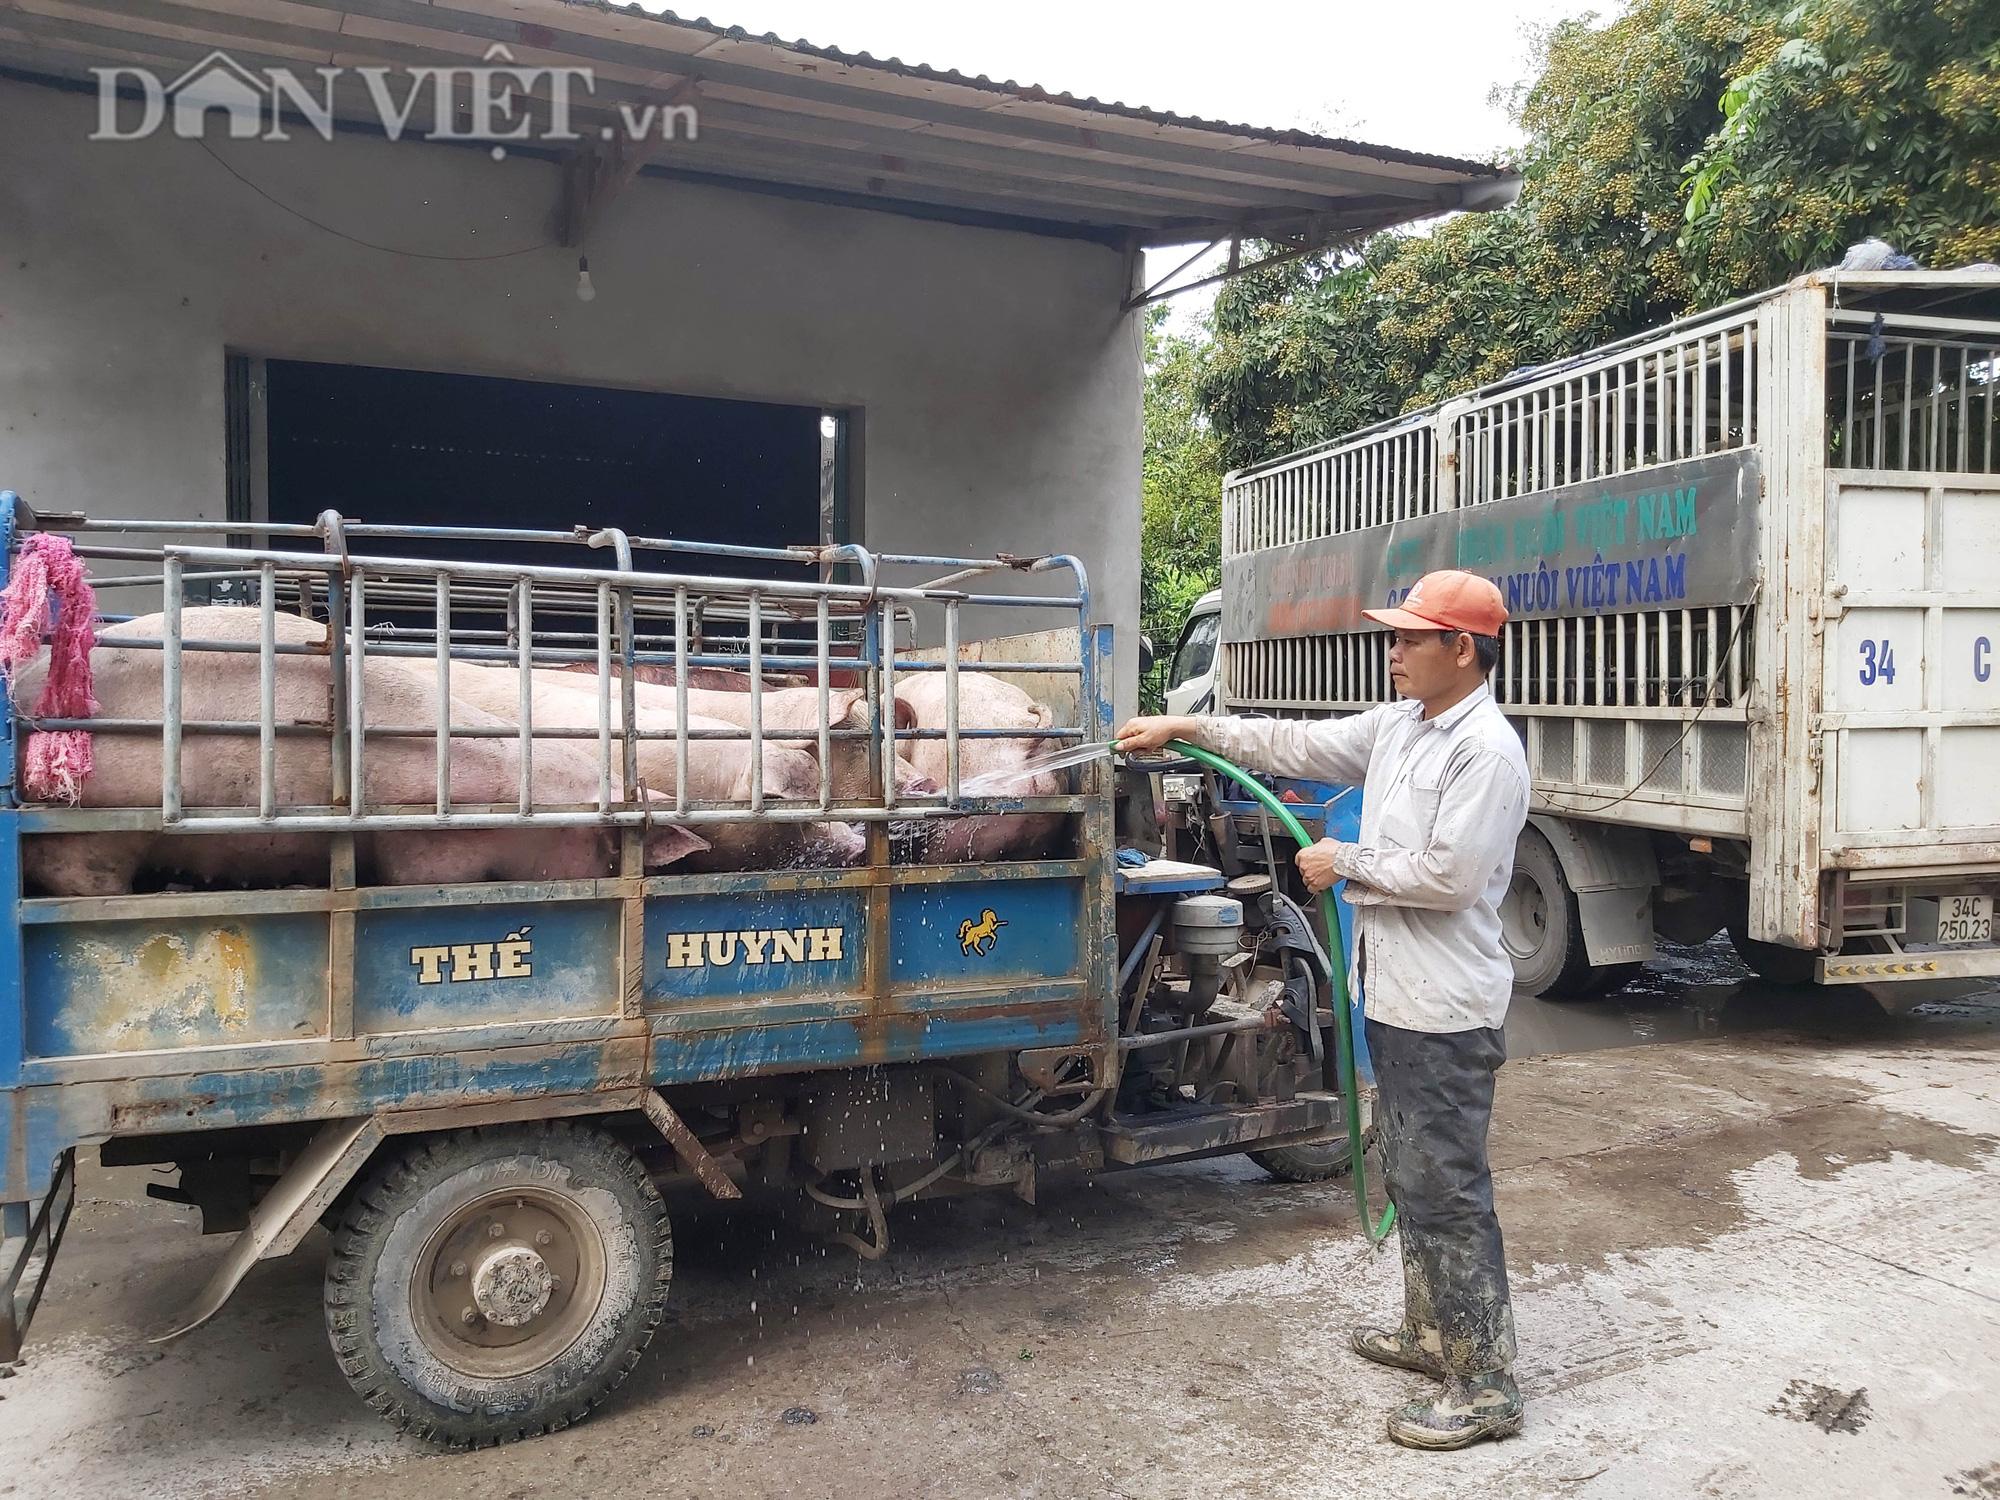 Chợ đầu mối lợn lớn nhất phía Bắc: cảnh mua bán tấp nập, giá lợn hơi tại chợ giảm từ 2.000 đồng - 4.000 đồng/kg - Ảnh 8.